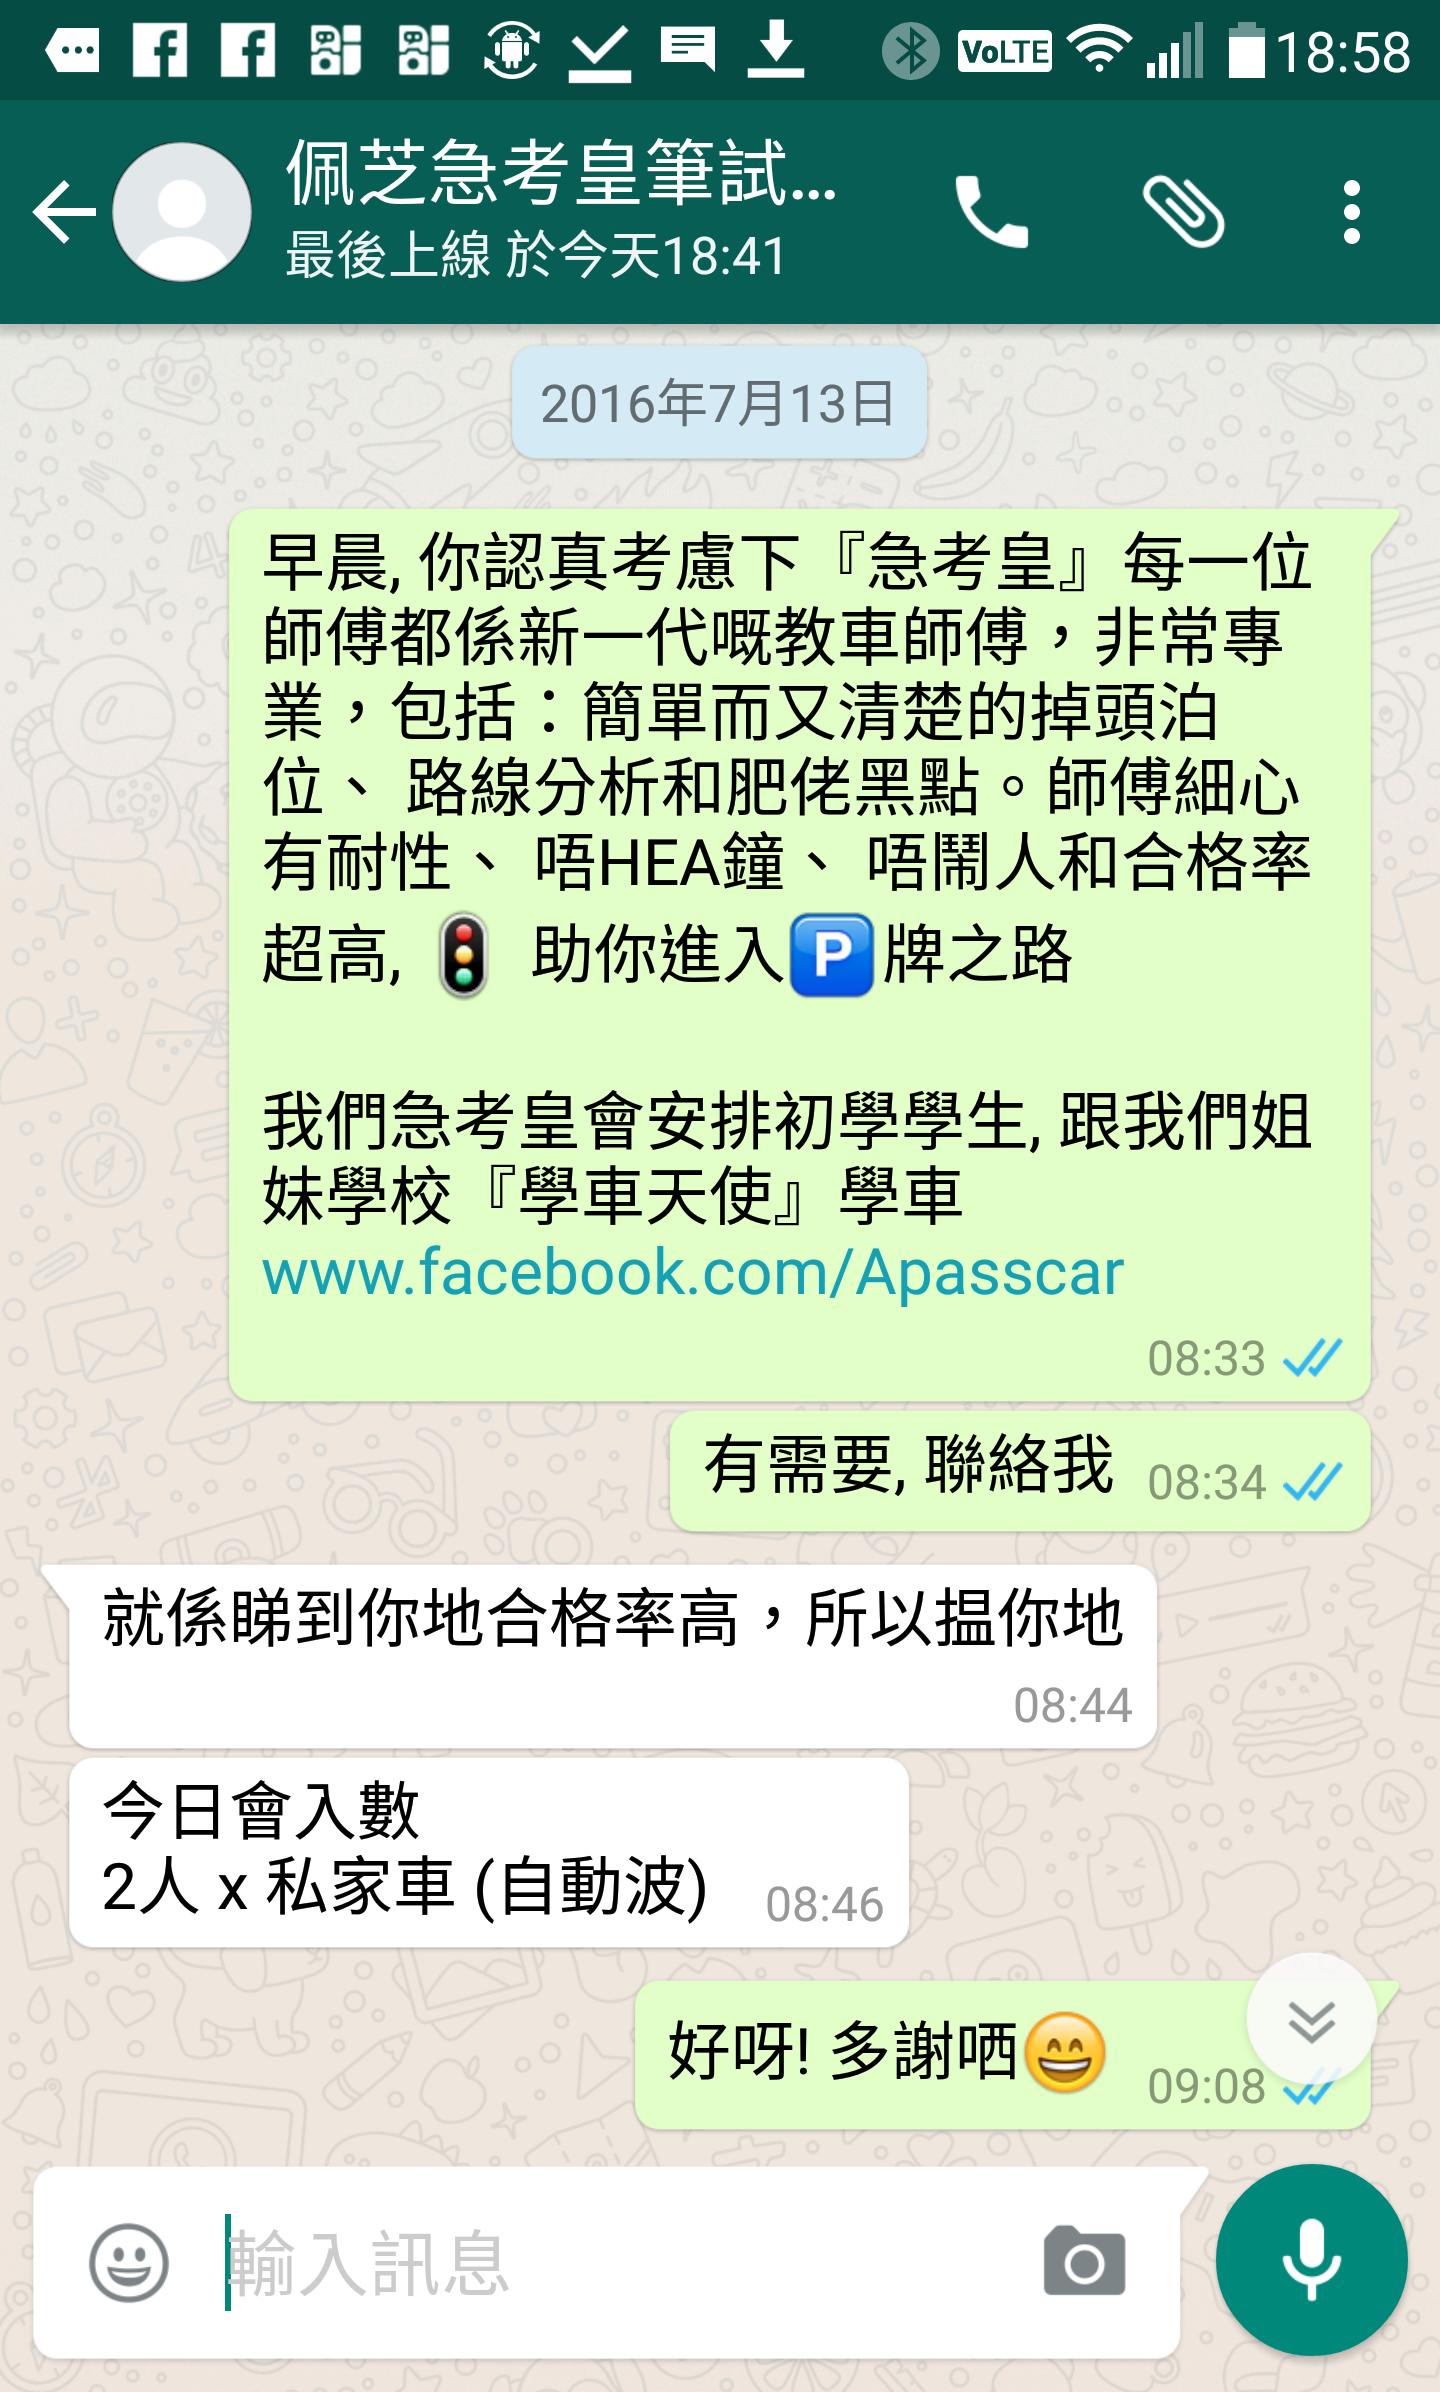 佩芝及進文初學私學車二人同行 (cont'd)